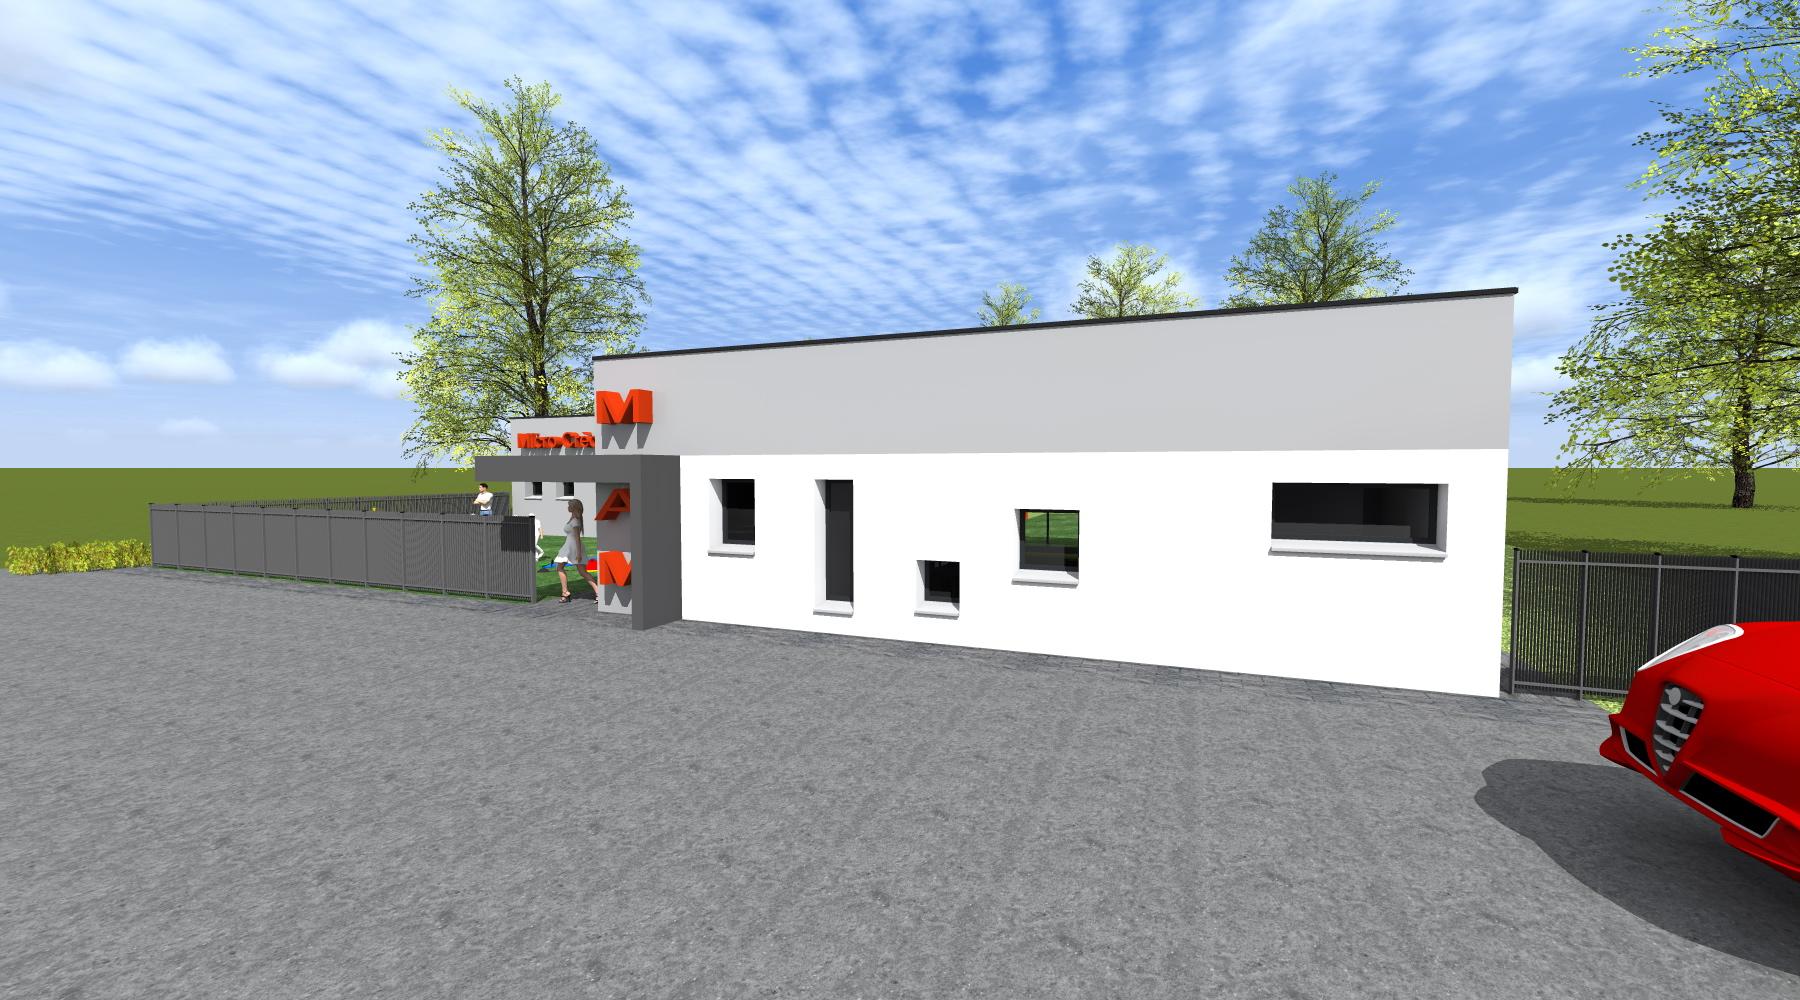 projet tcg 1 2 vue architecte lise roturier rennes 35000. Black Bedroom Furniture Sets. Home Design Ideas